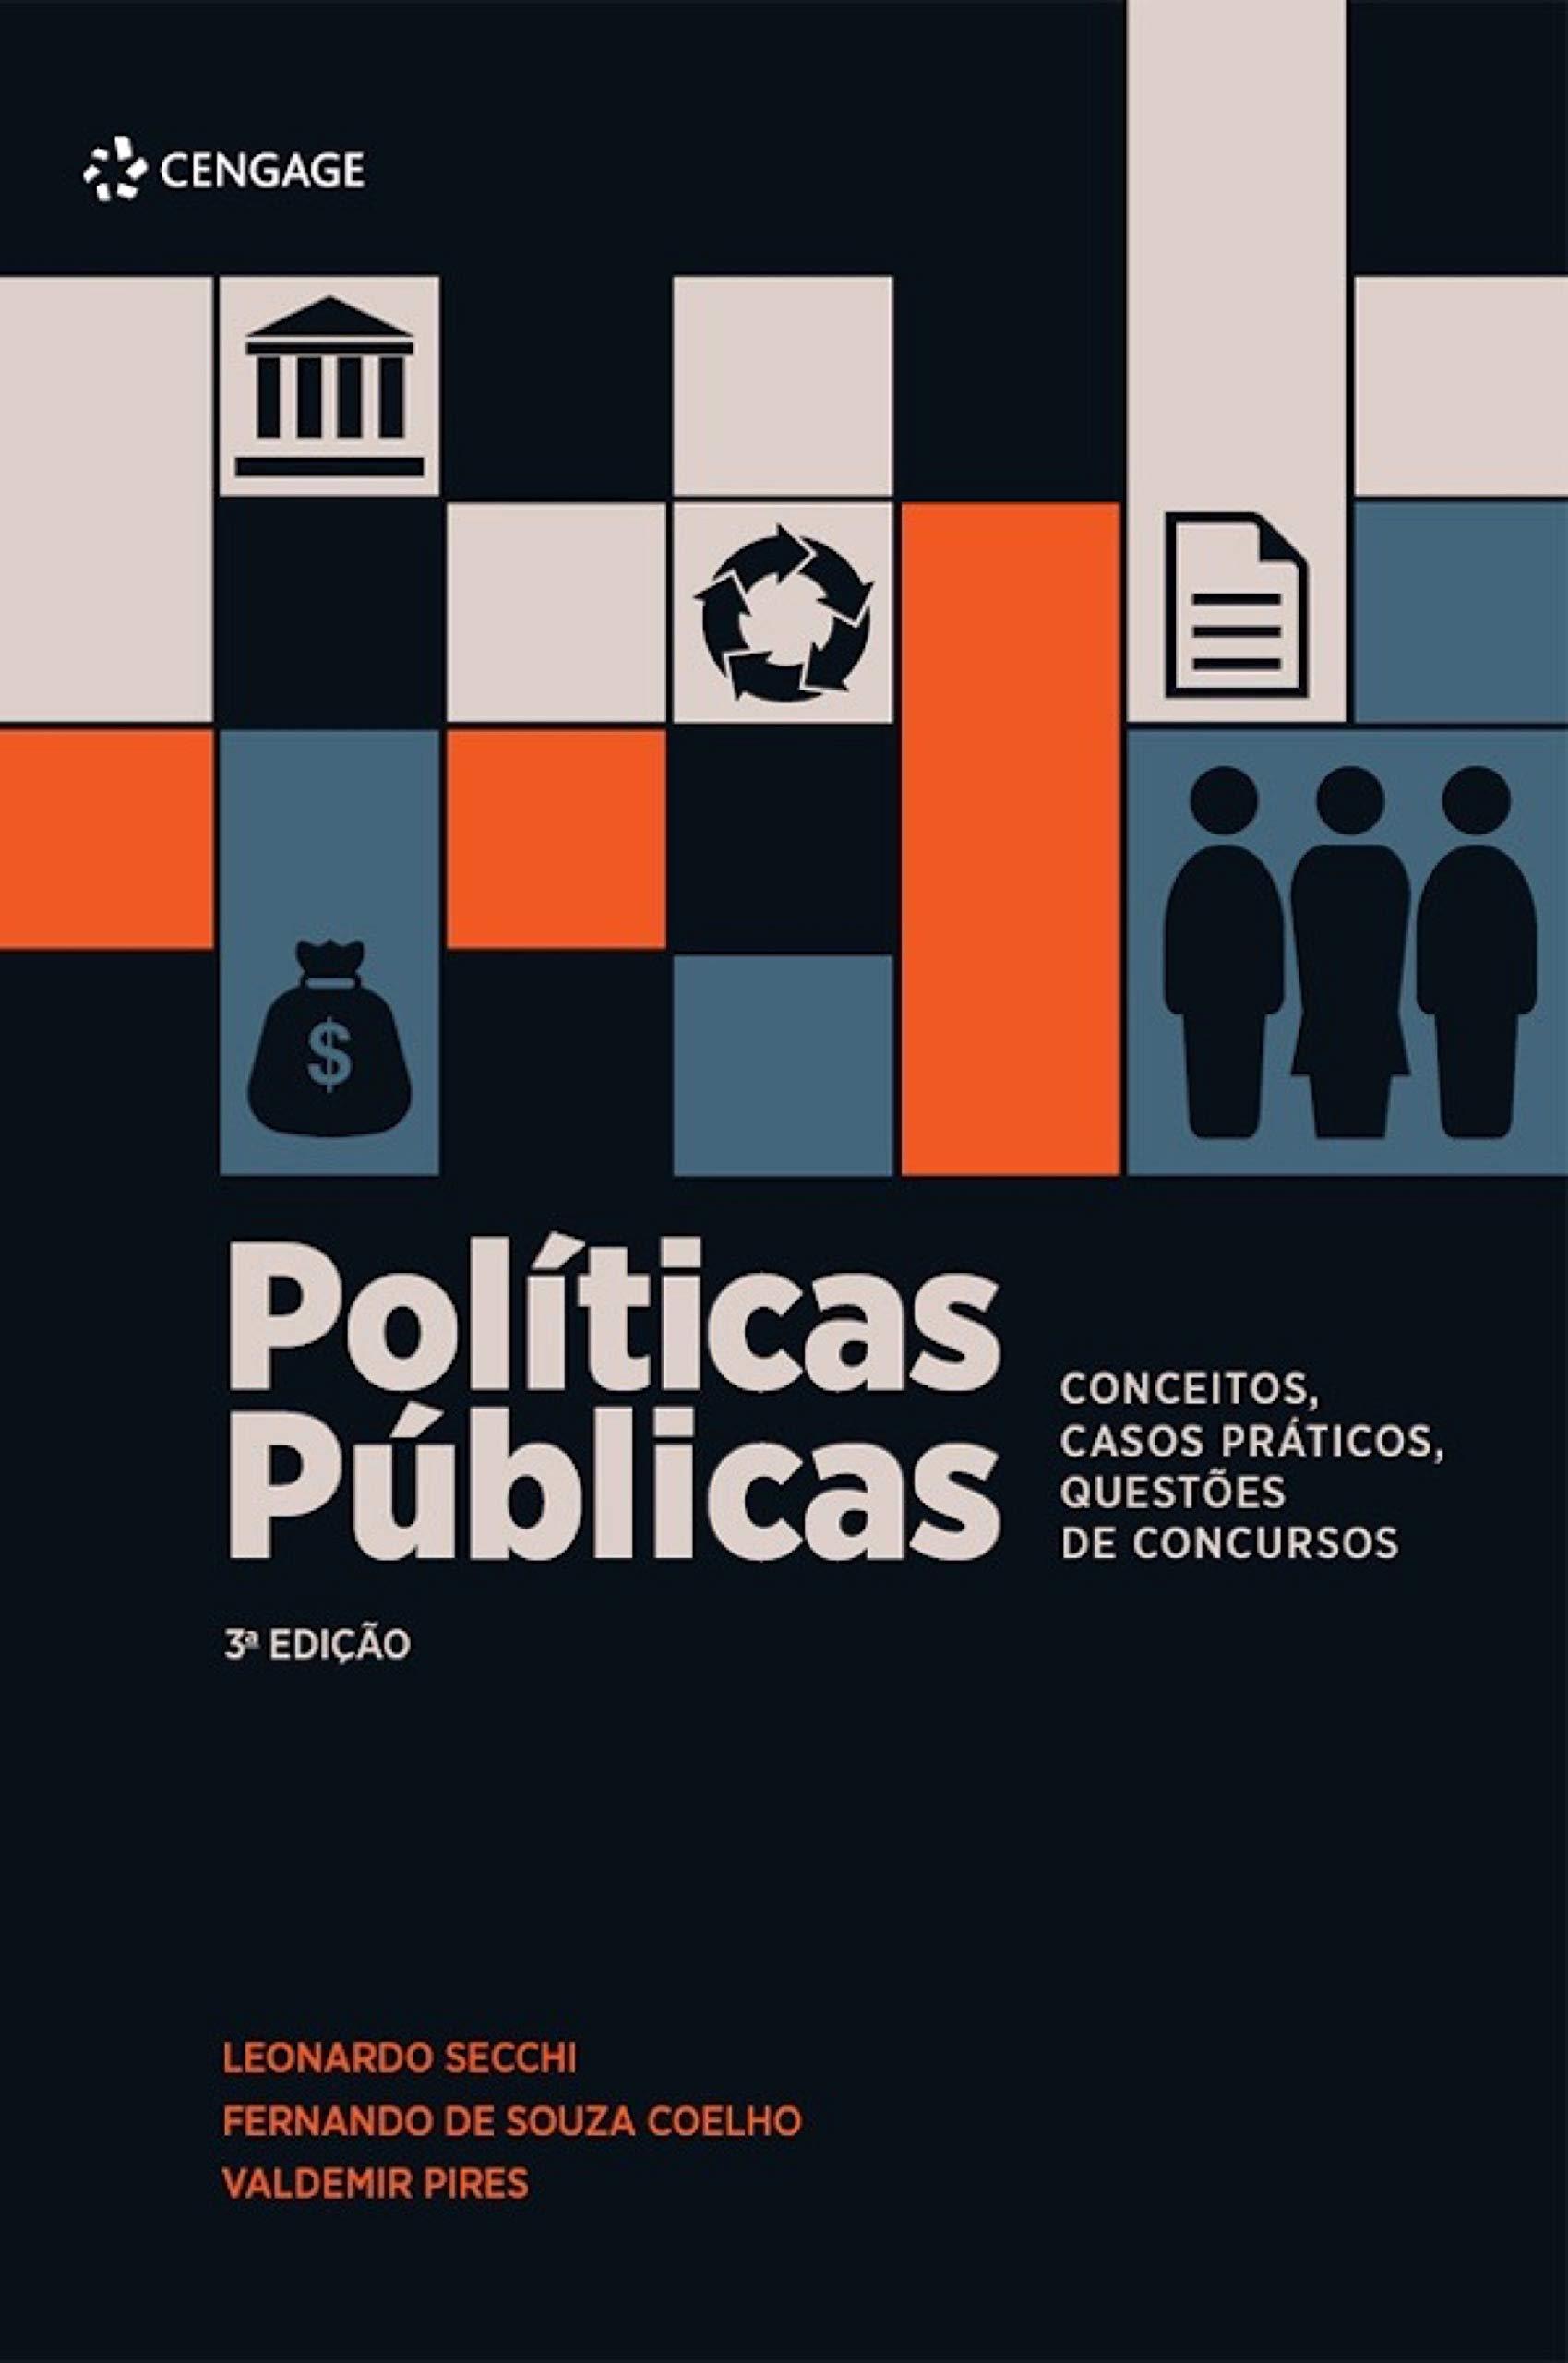 Políticas Públicas: Conceitos, Casos Práticos, Questões de Concursos – 3ª edição (Portuguese Edition)